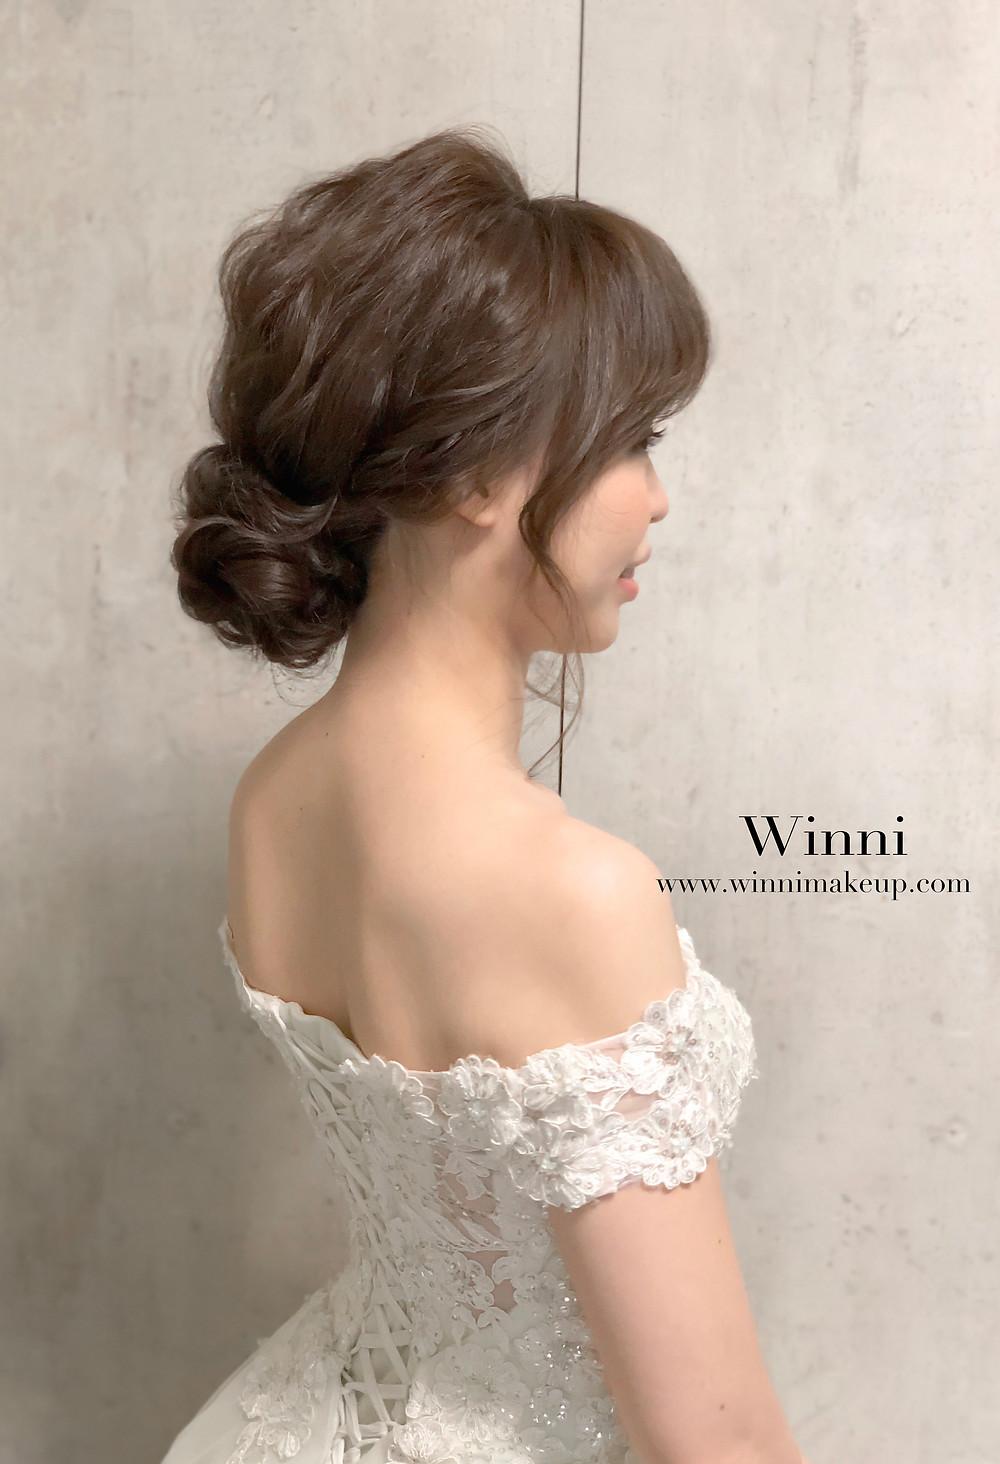 #自然新娘妝 #低盤髮造型 #新娘造型 #不凋花髮飾 #乾燥花